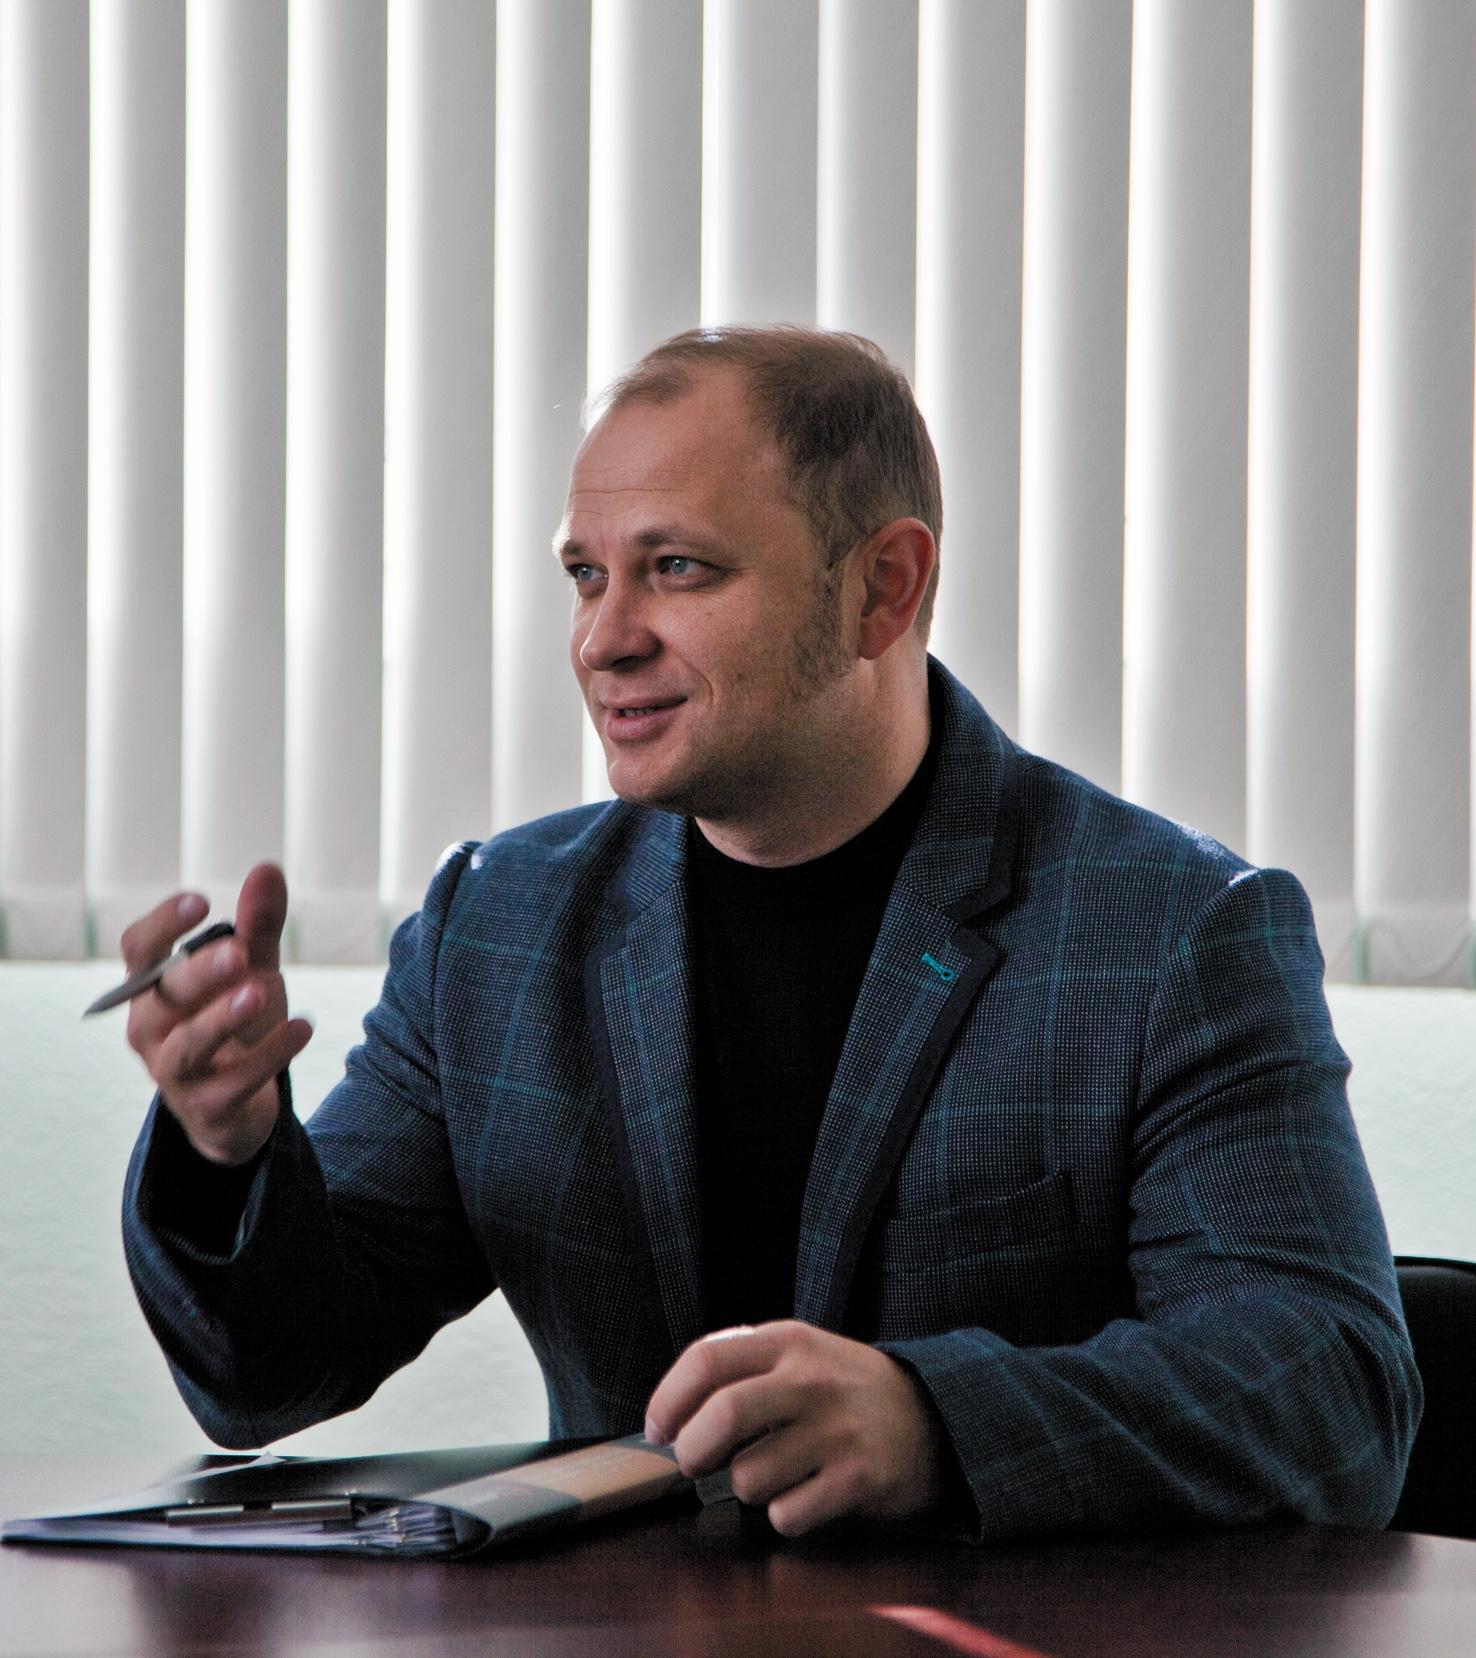 Валерий Кузнецов, генеральный директор ООО «РоСАТ-ЦЕНТР»